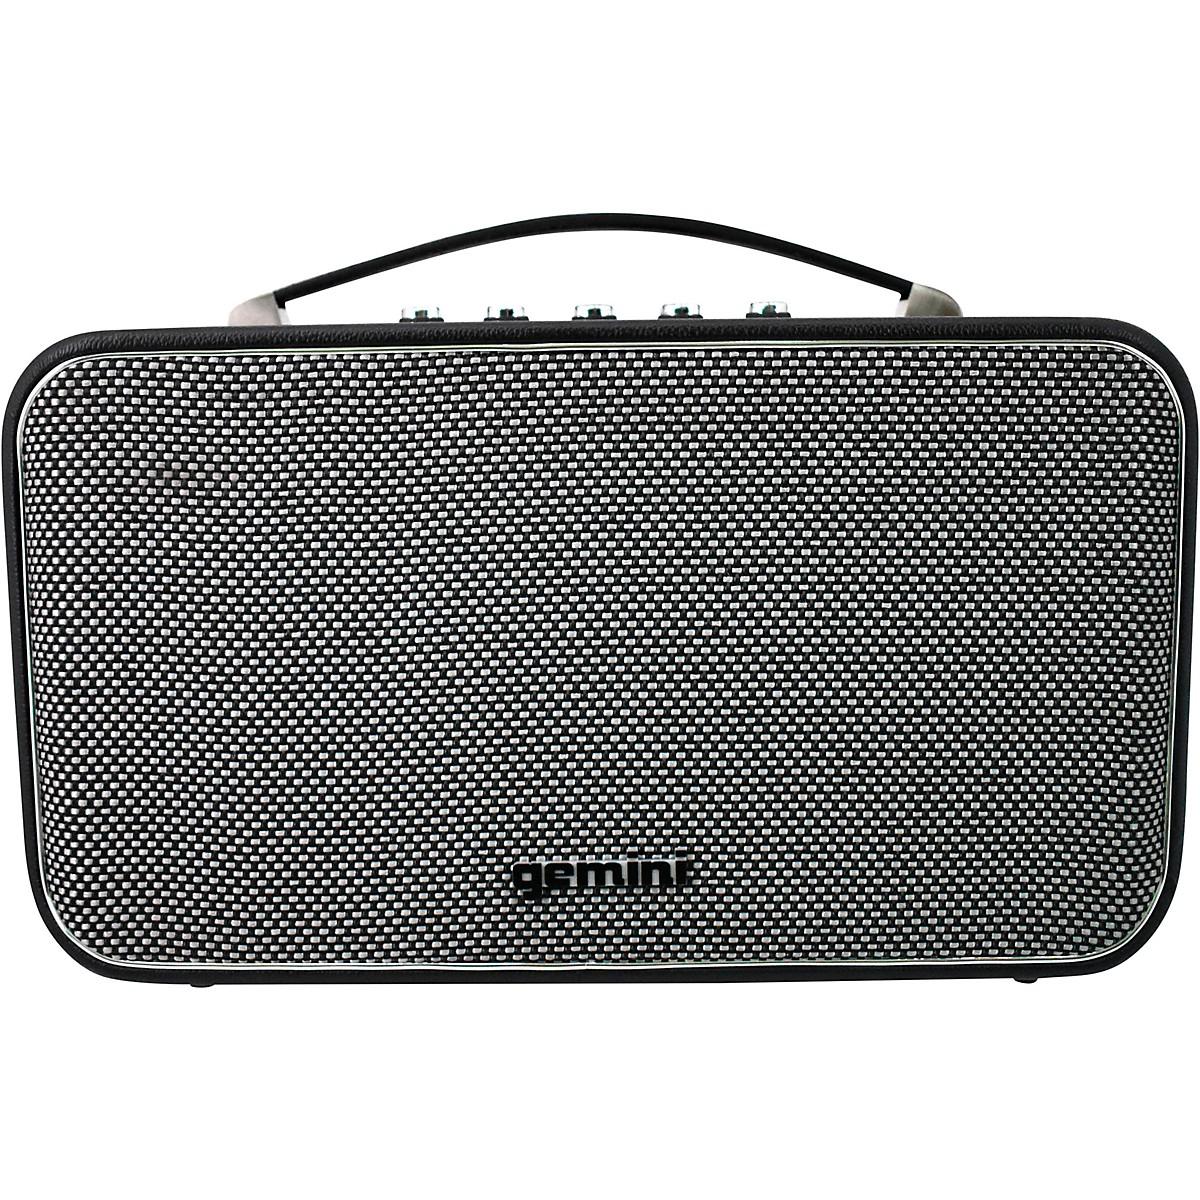 Gemini GTR-400 Bluetooth Stereo Speaker